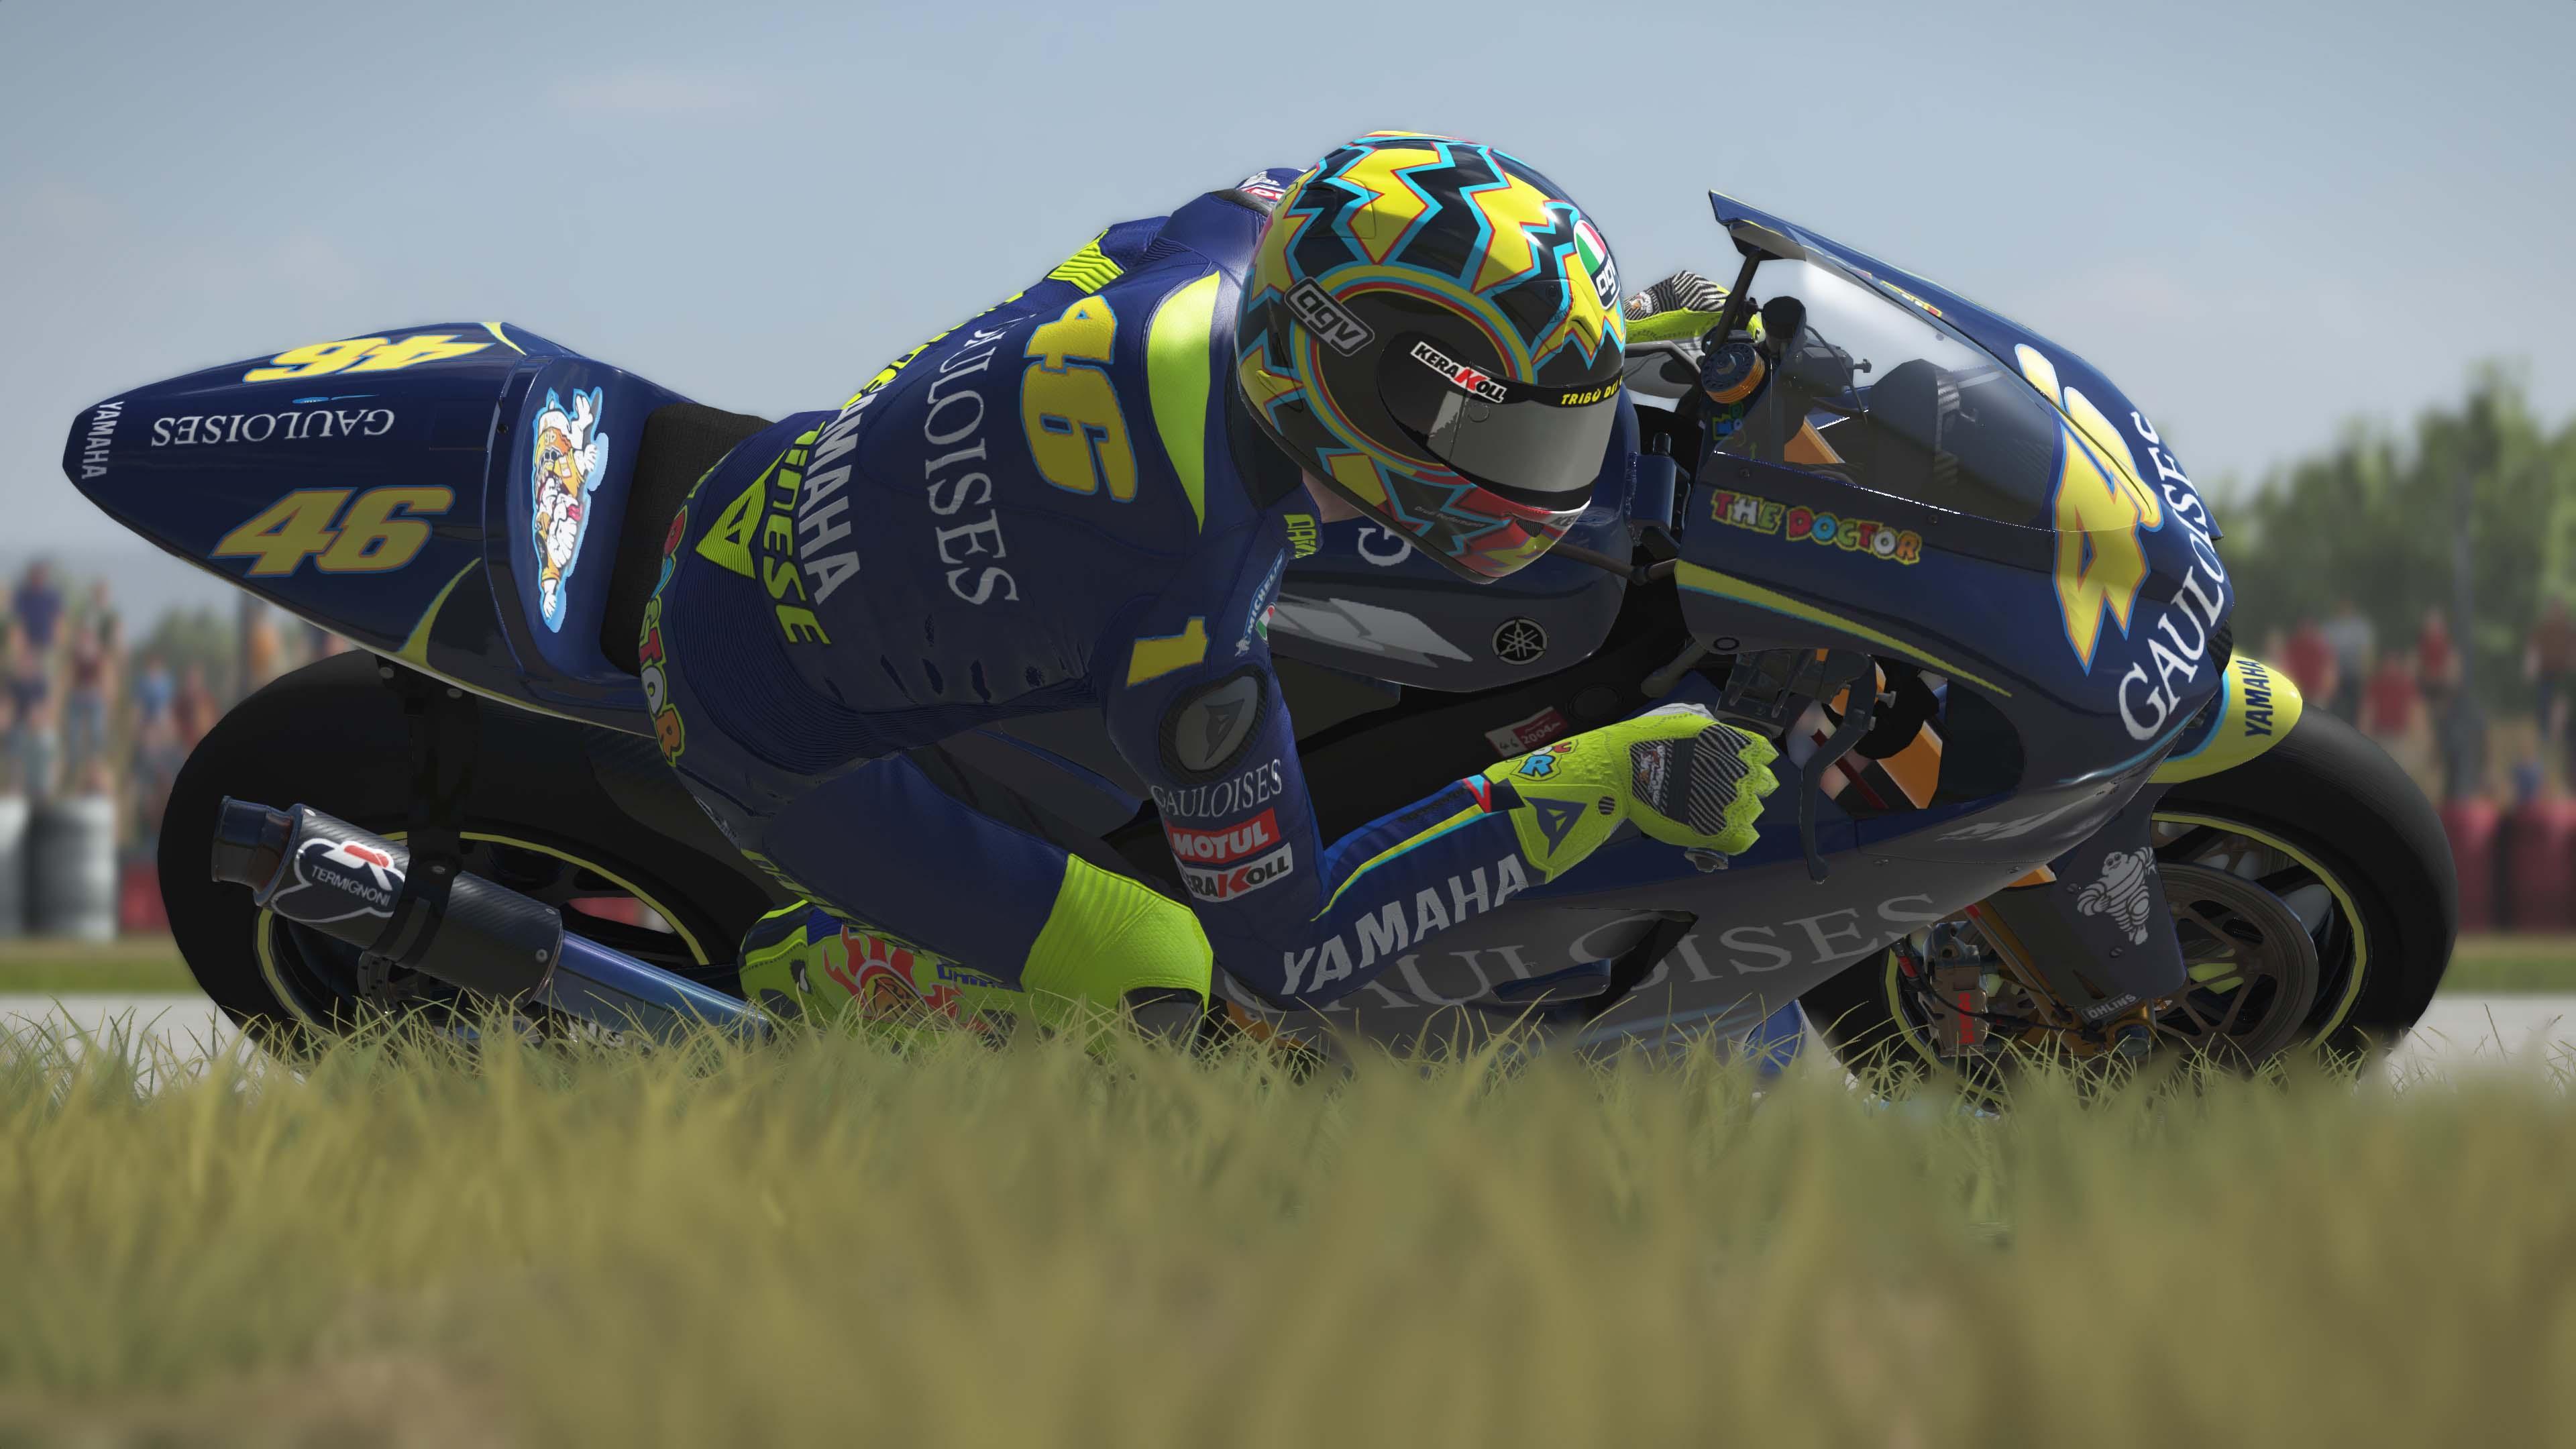 MotoGPVR46X64 2016-07-06 21-41-45-67.jpg